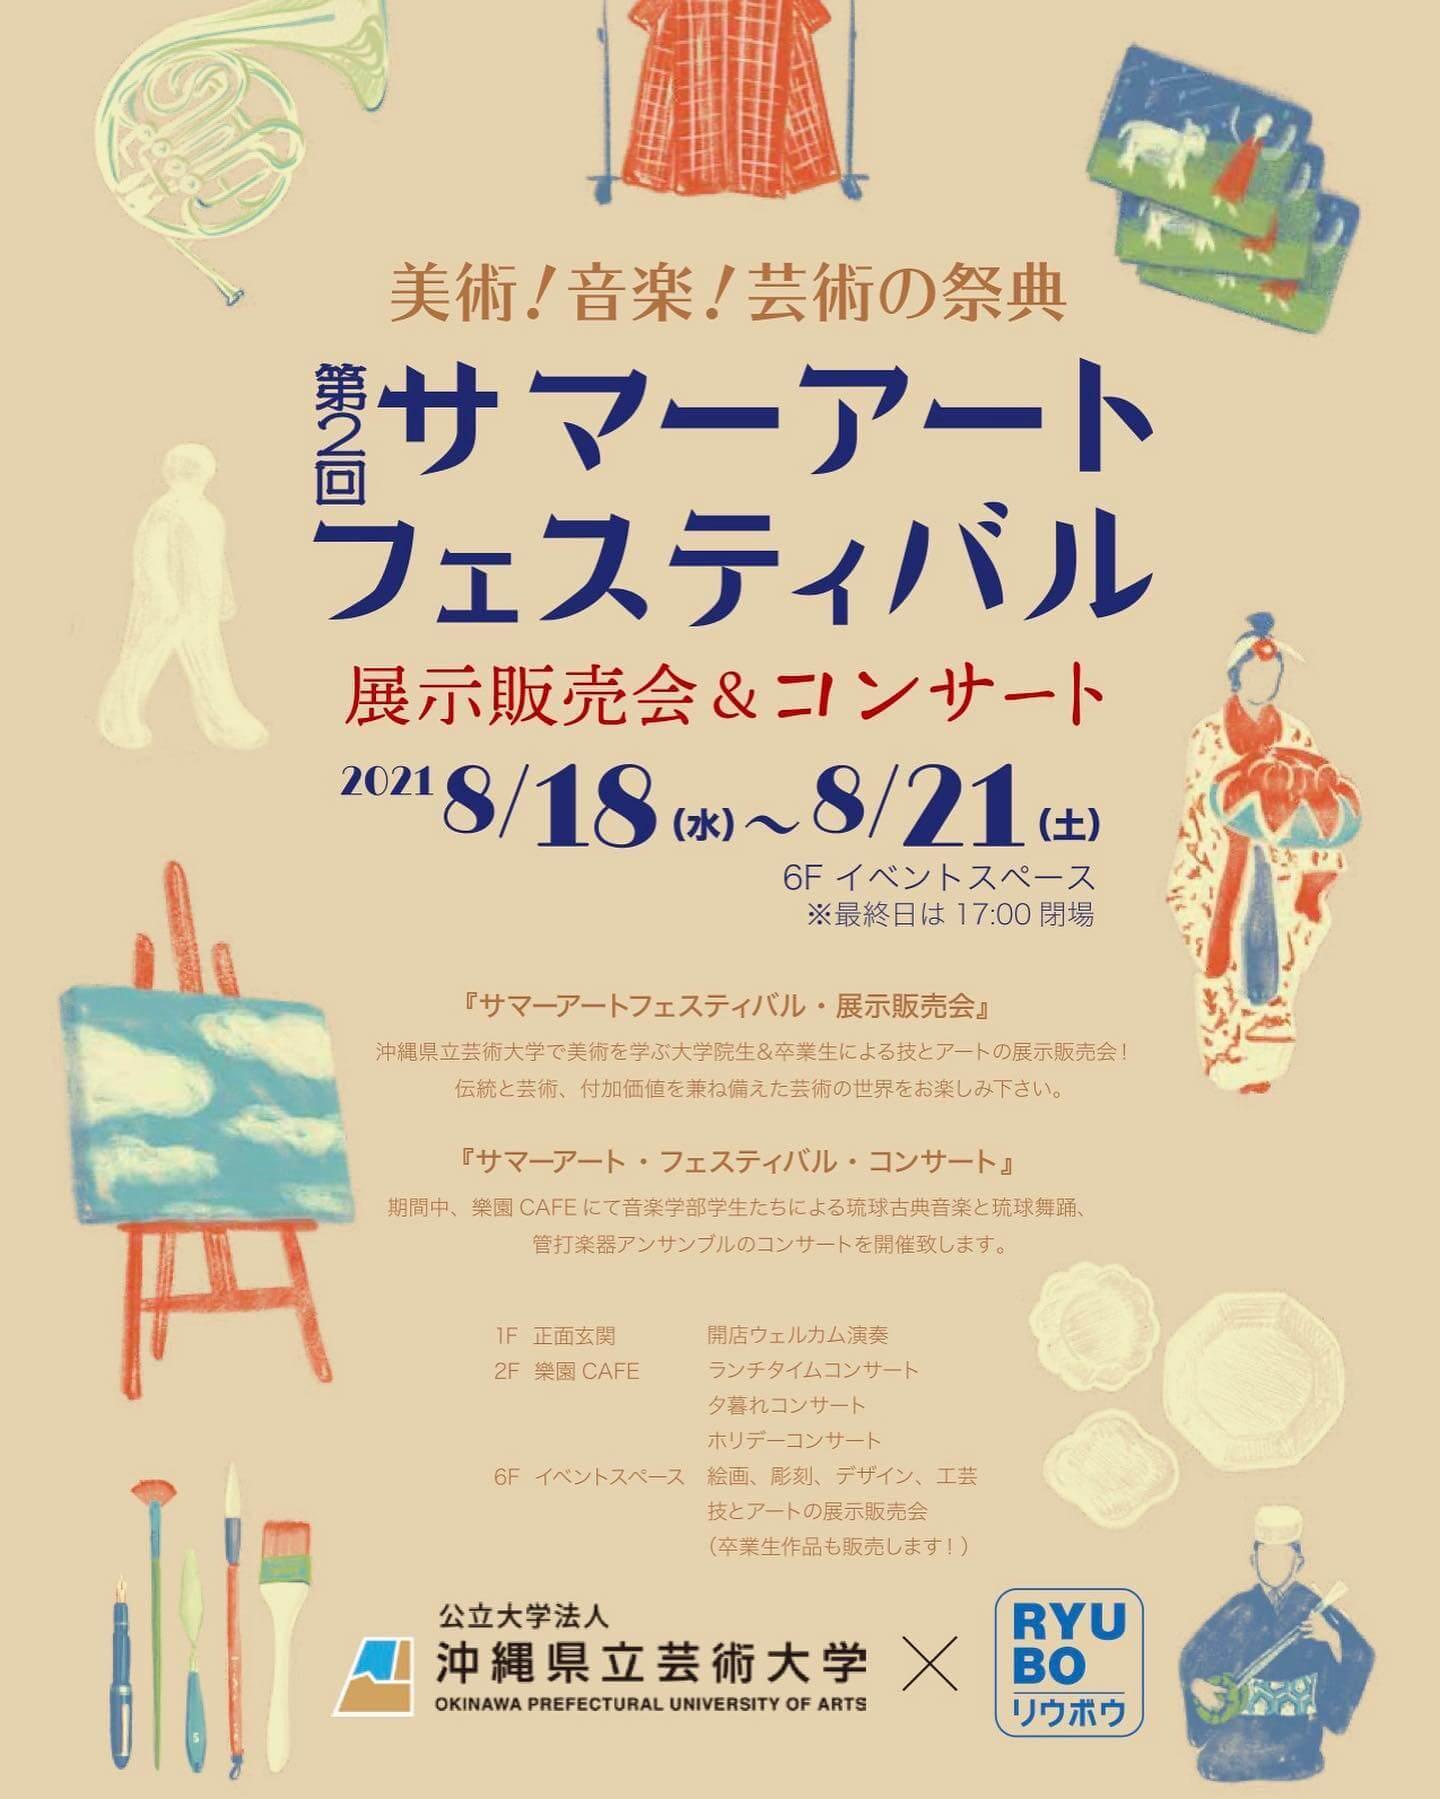 [イベント]第2回サマーアートフェスティバル @ RYUBO